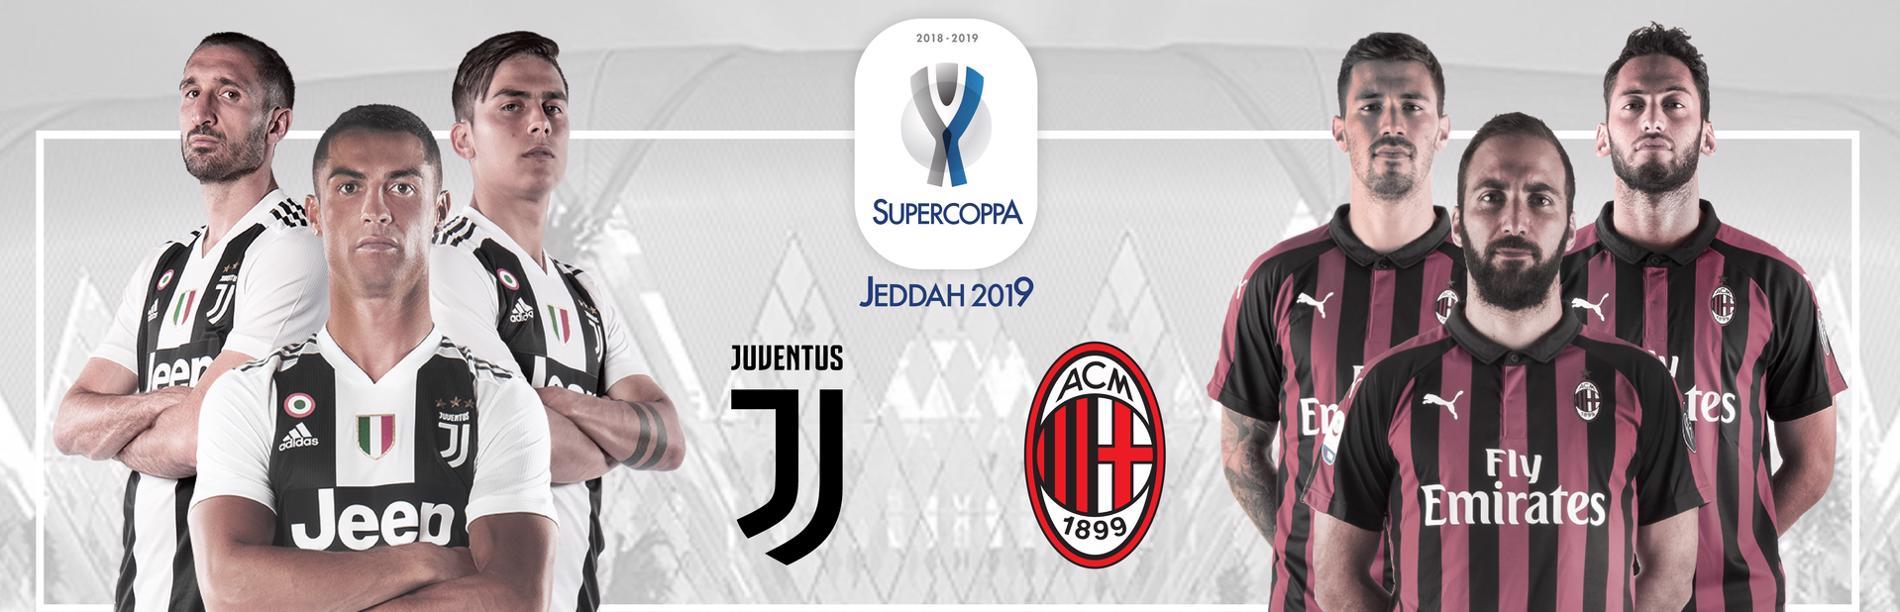 SuperCoppa Italiana Jeddah 2019, Juventus - Milan (diretta ore 18.30 Rai 1 HD)